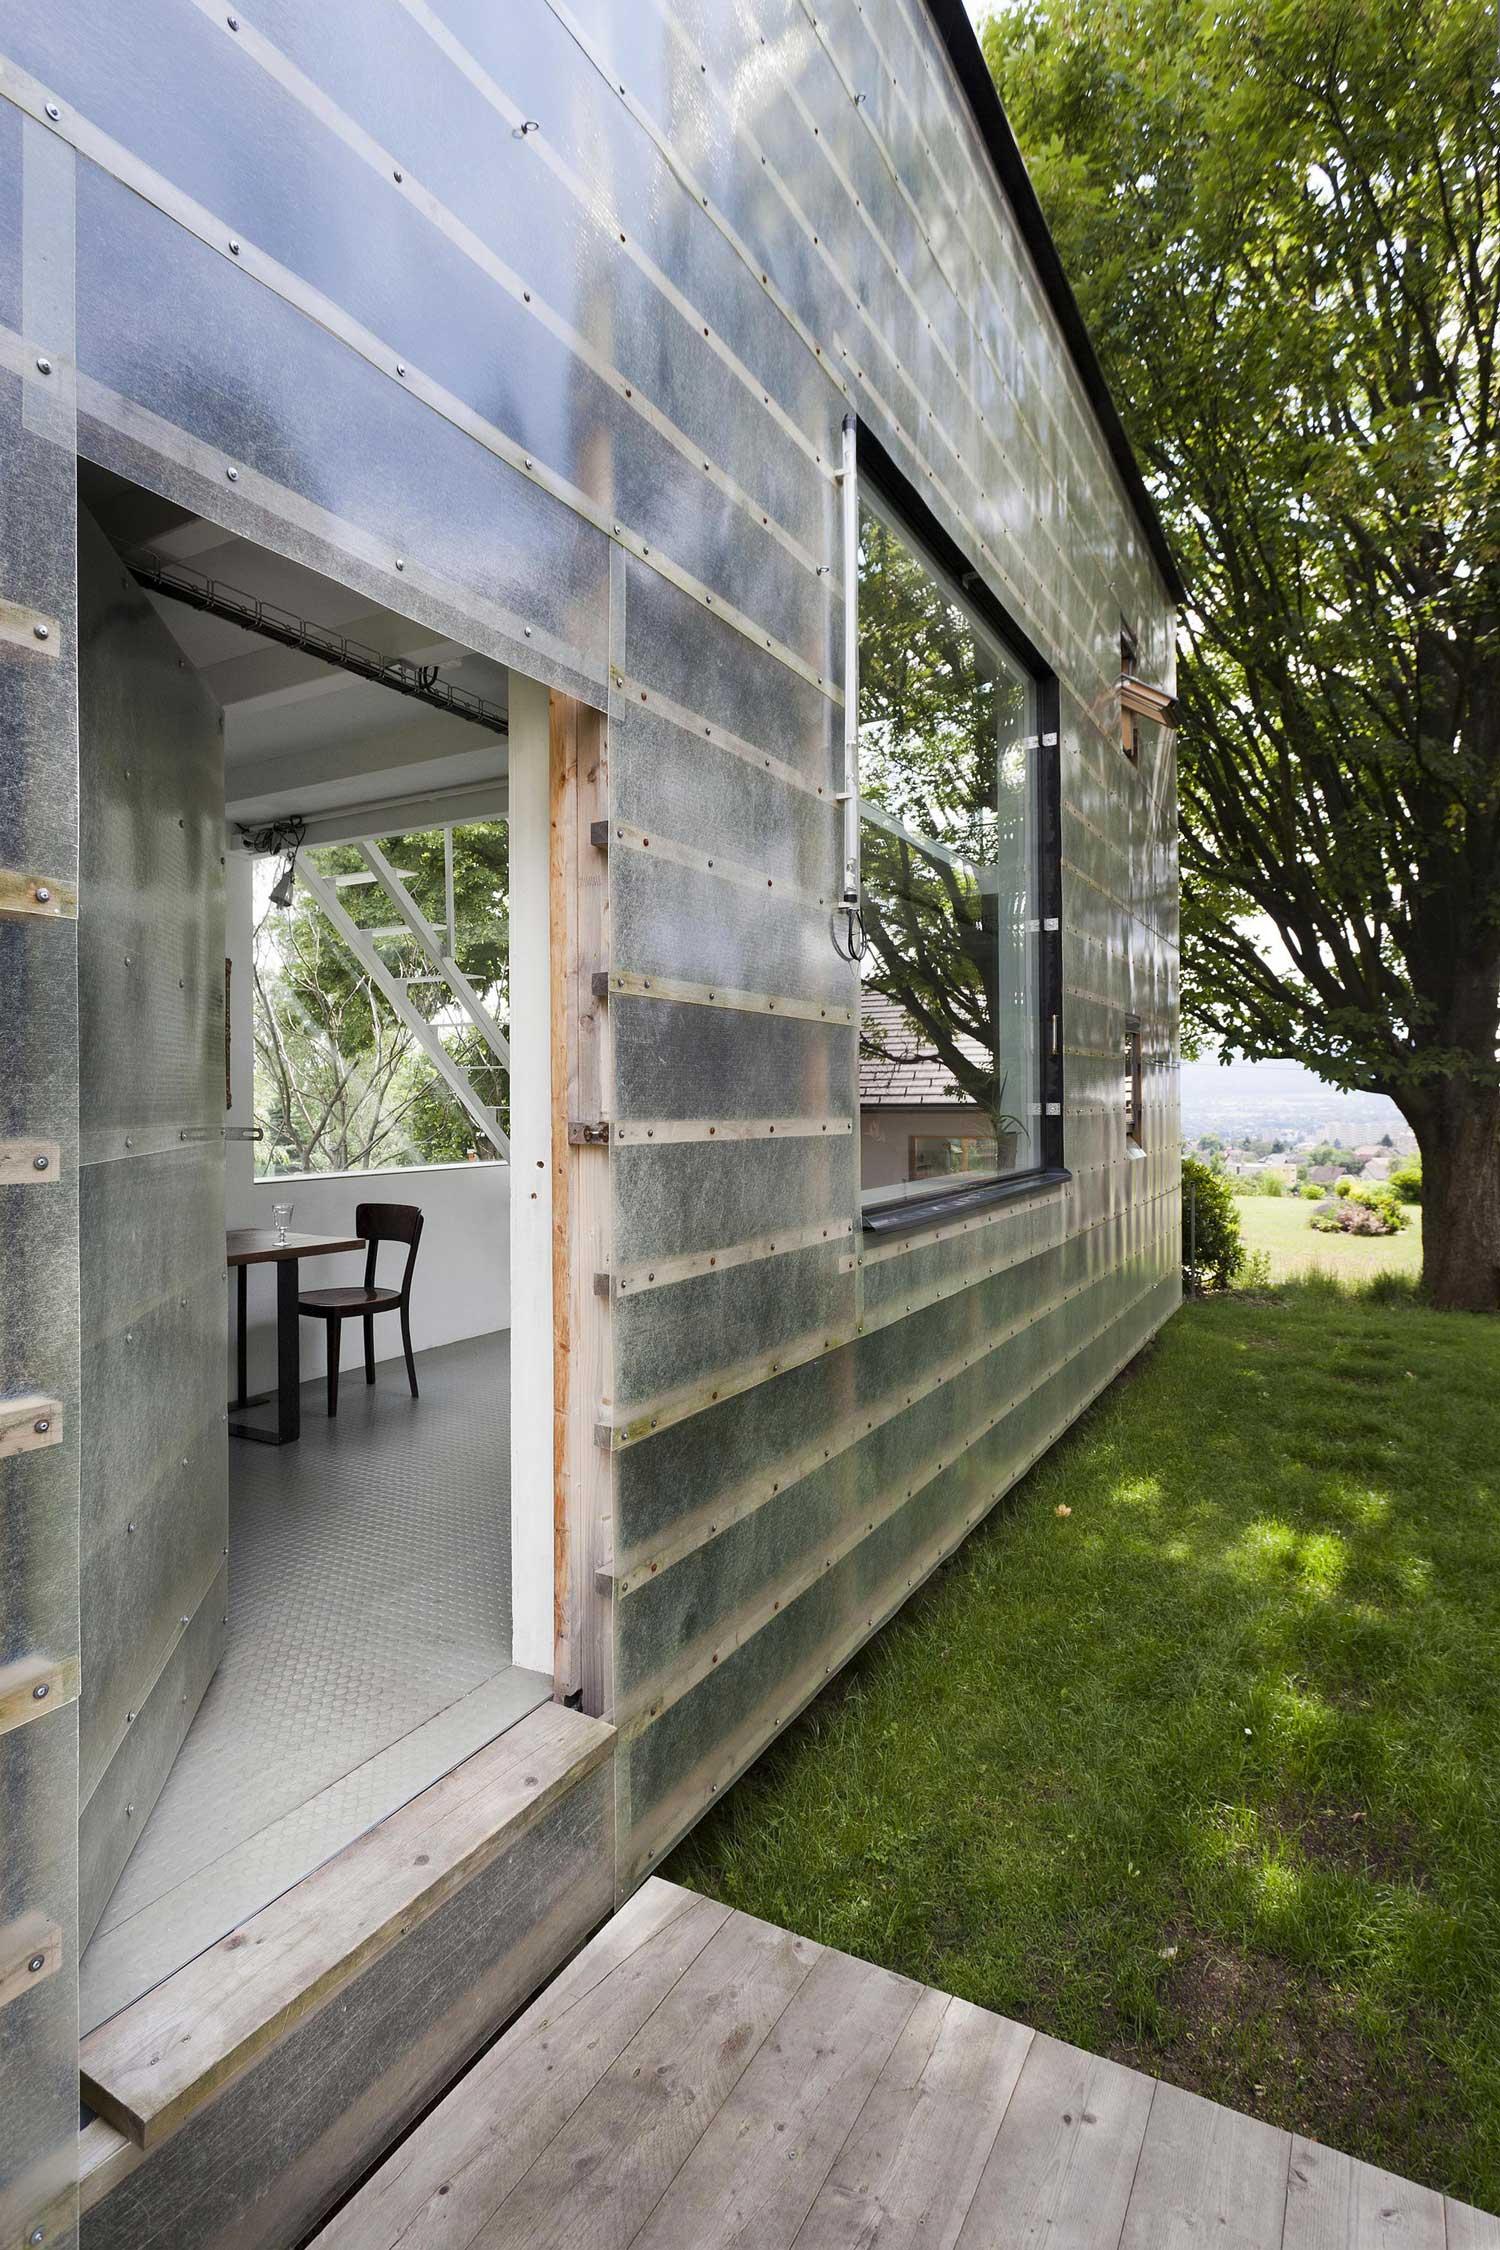 ZEN-Houses In Liberec, Czech Republic By Petr Stolin